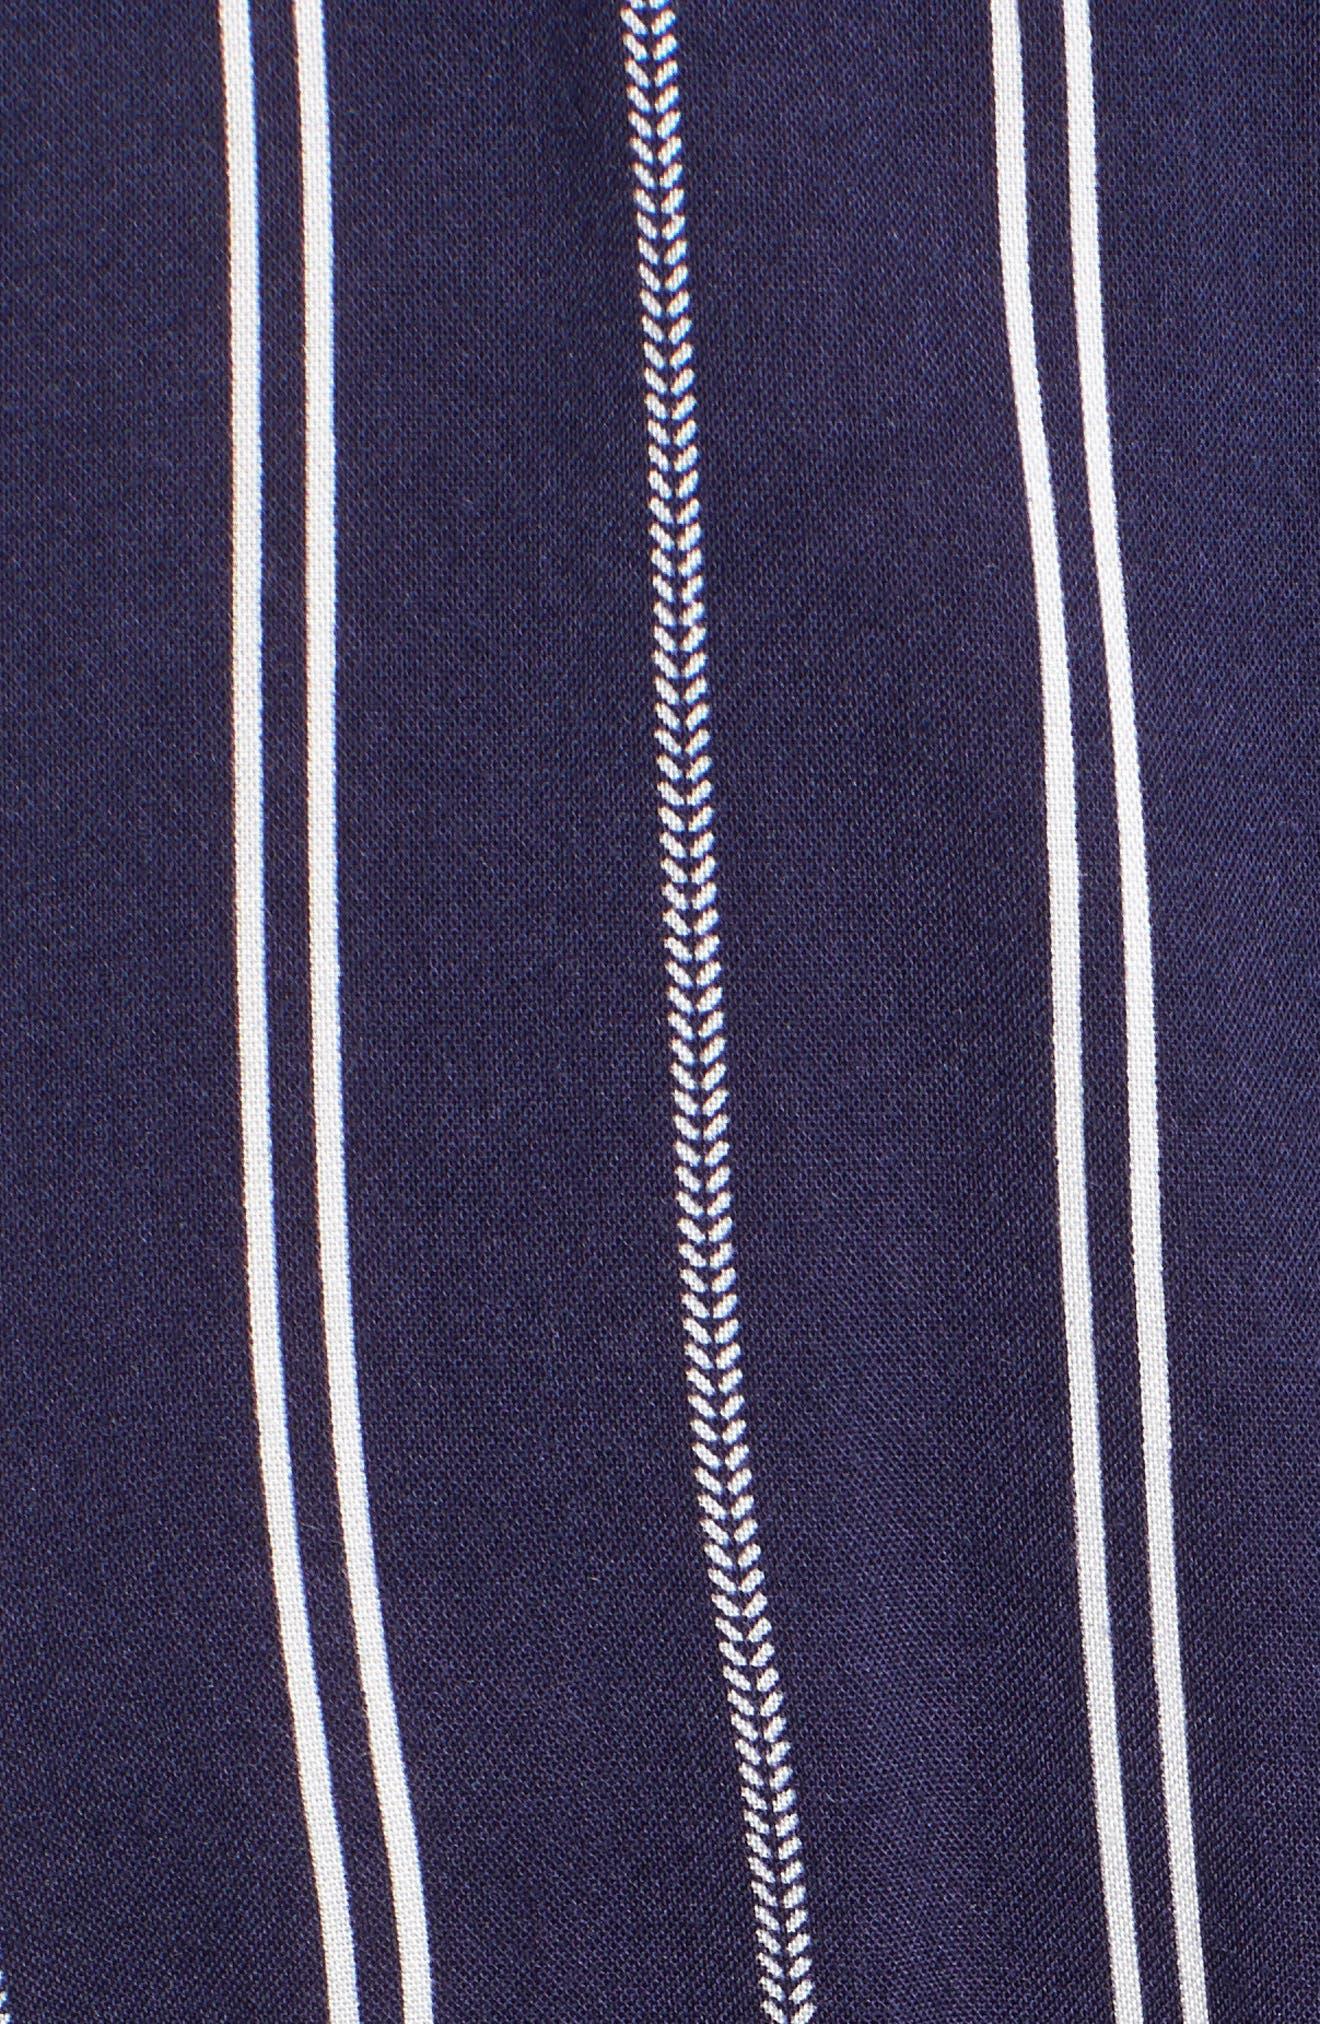 Stripe Side Tie Jumpsuit,                             Alternate thumbnail 6, color,                             410